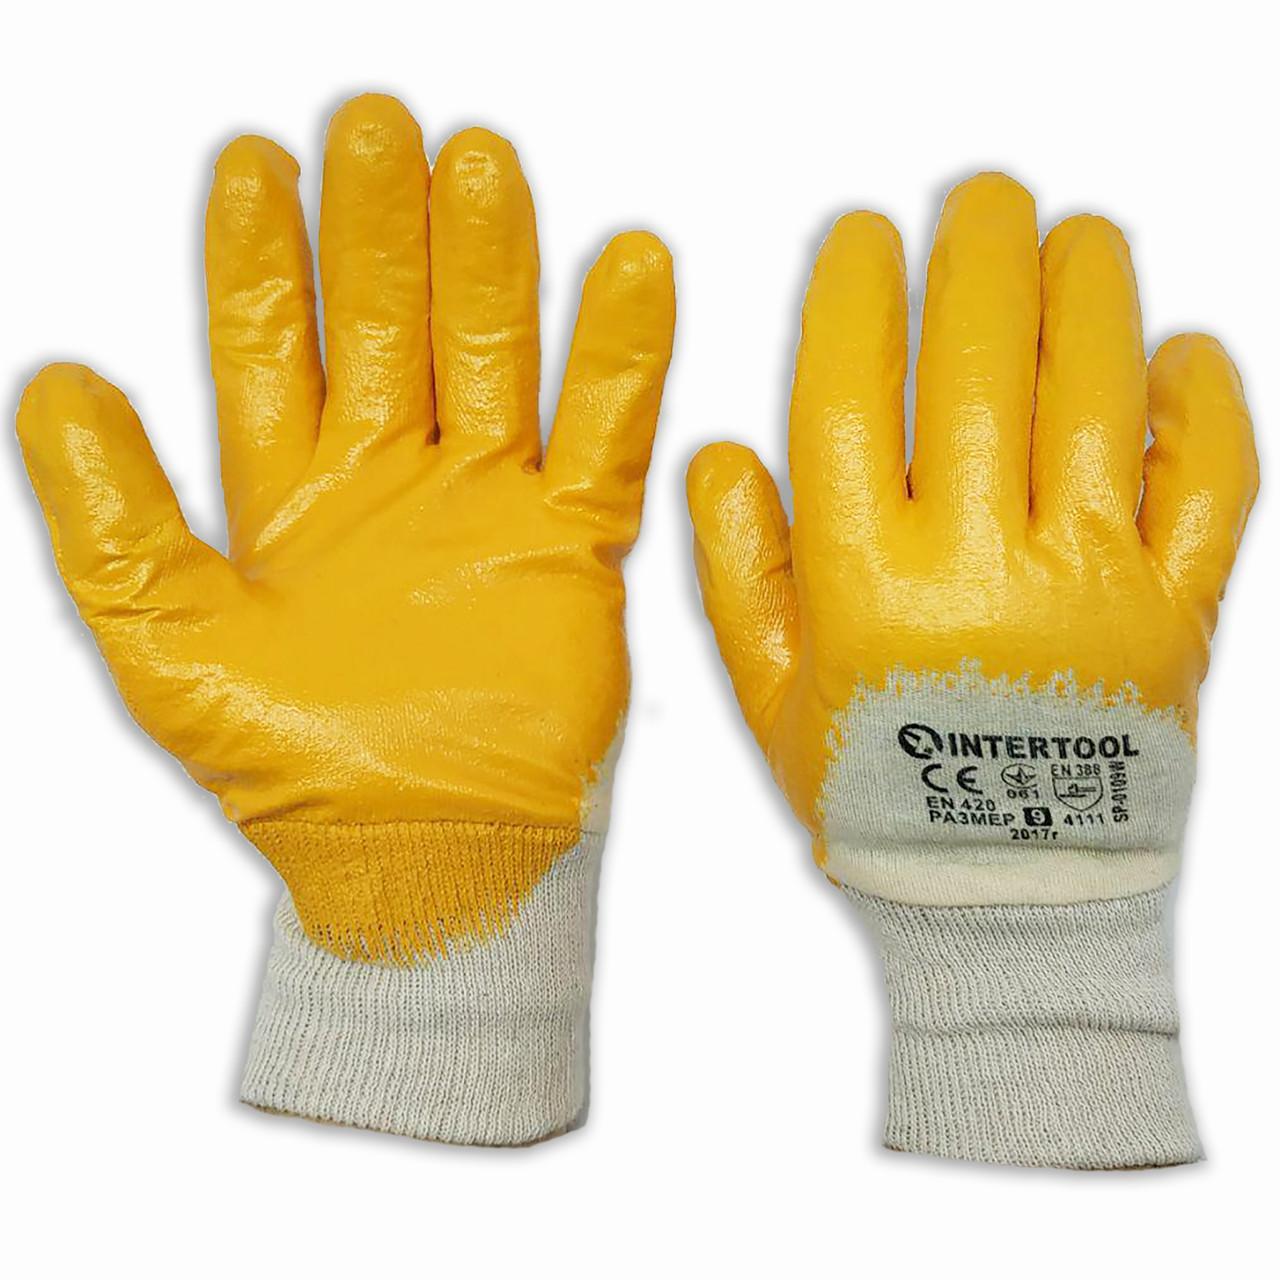 Перчатки Интертул х/б, на ладони нитриловый облив, № 9, уп. — 12 пар